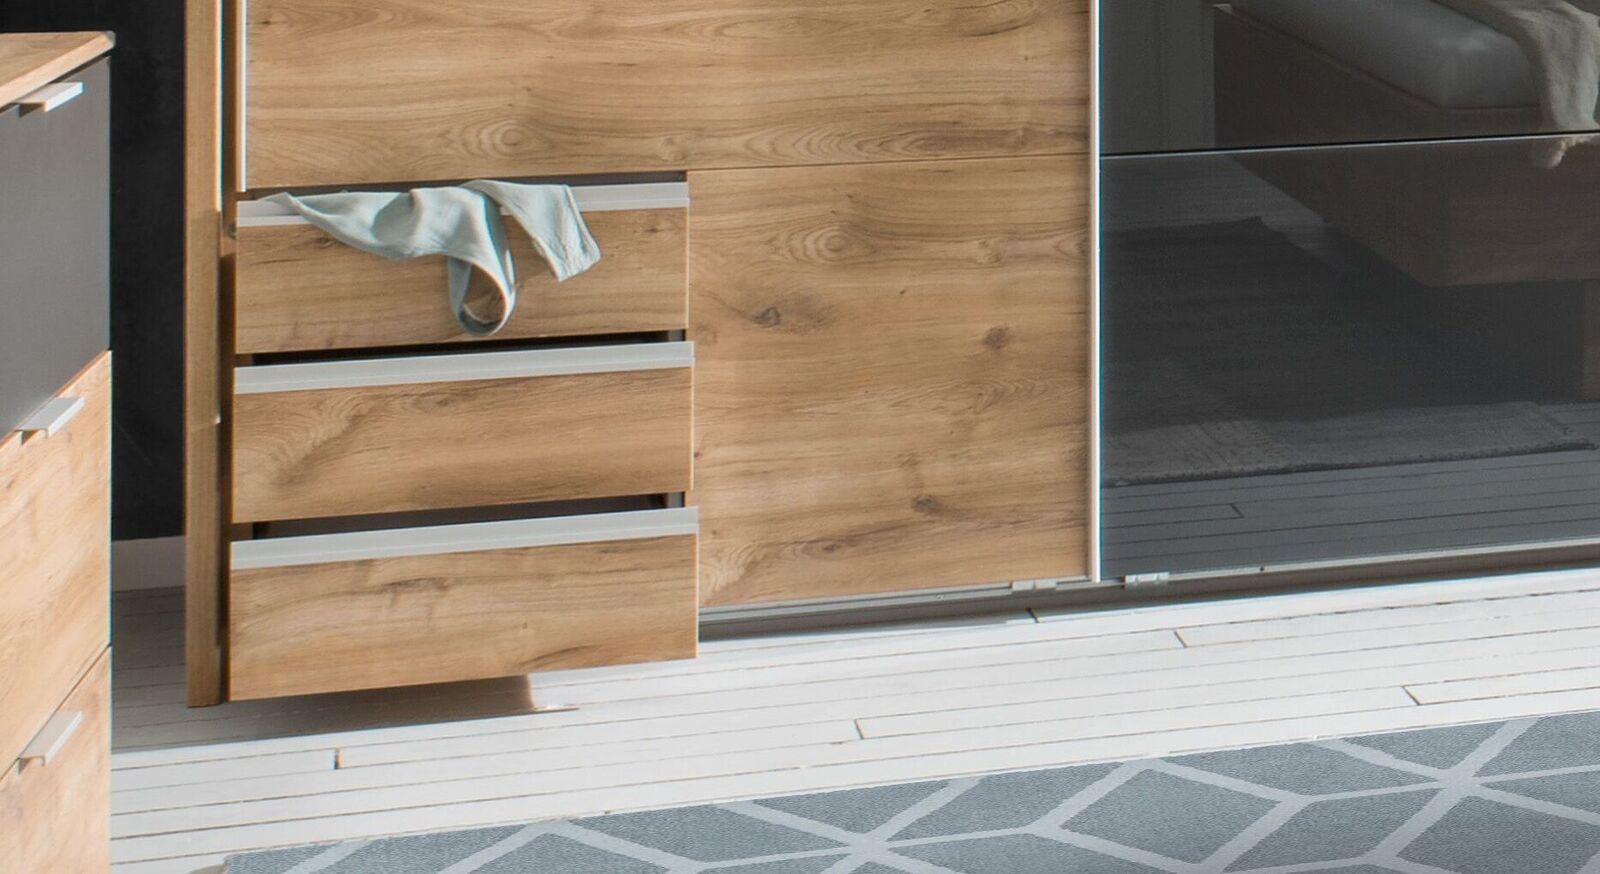 Funktions-Kleiderschrank Alwara mit verschiedenen Stauraum-Möglichkeiten